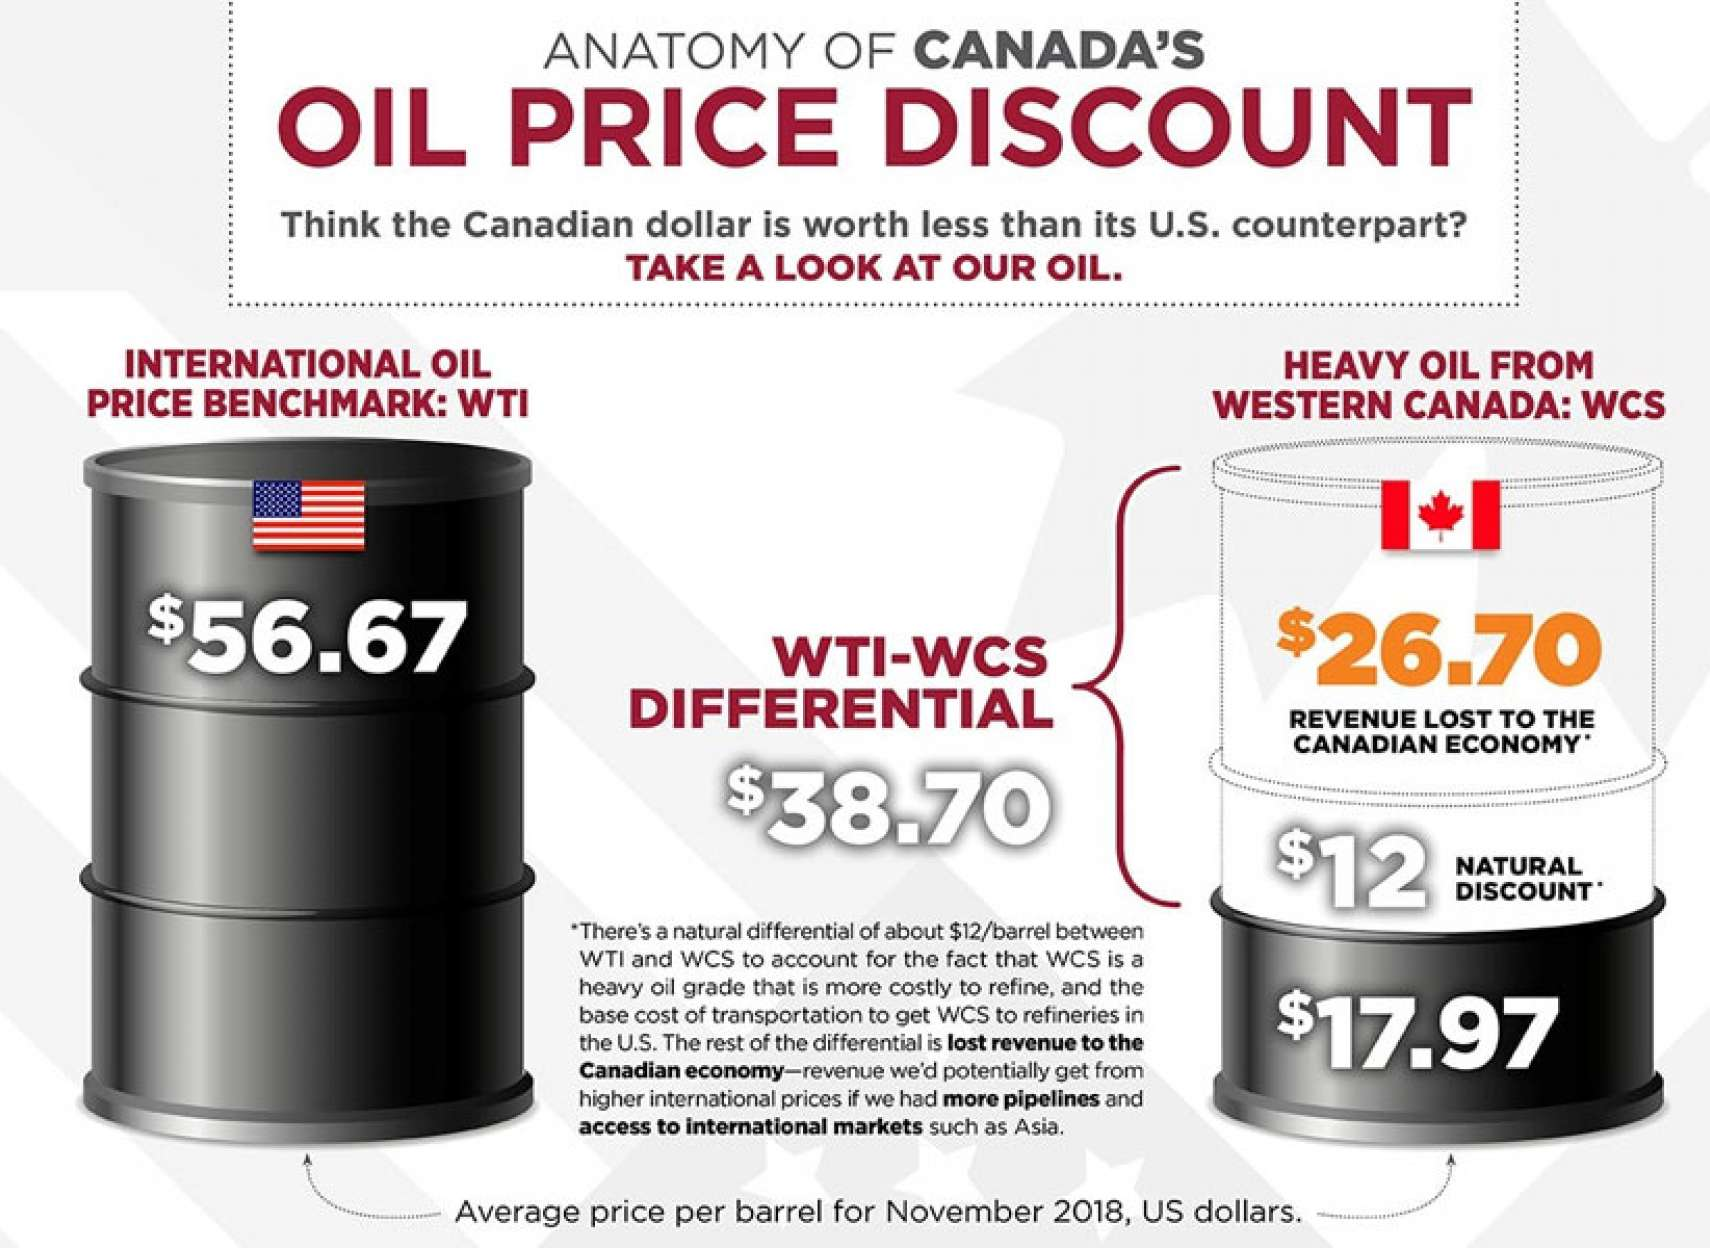 اخبار-کانادا-سقوط-قیمت-نفت-کانادا-به-زیر-5-دلار-به-صفر-دلار-نزدیک-می-شویم